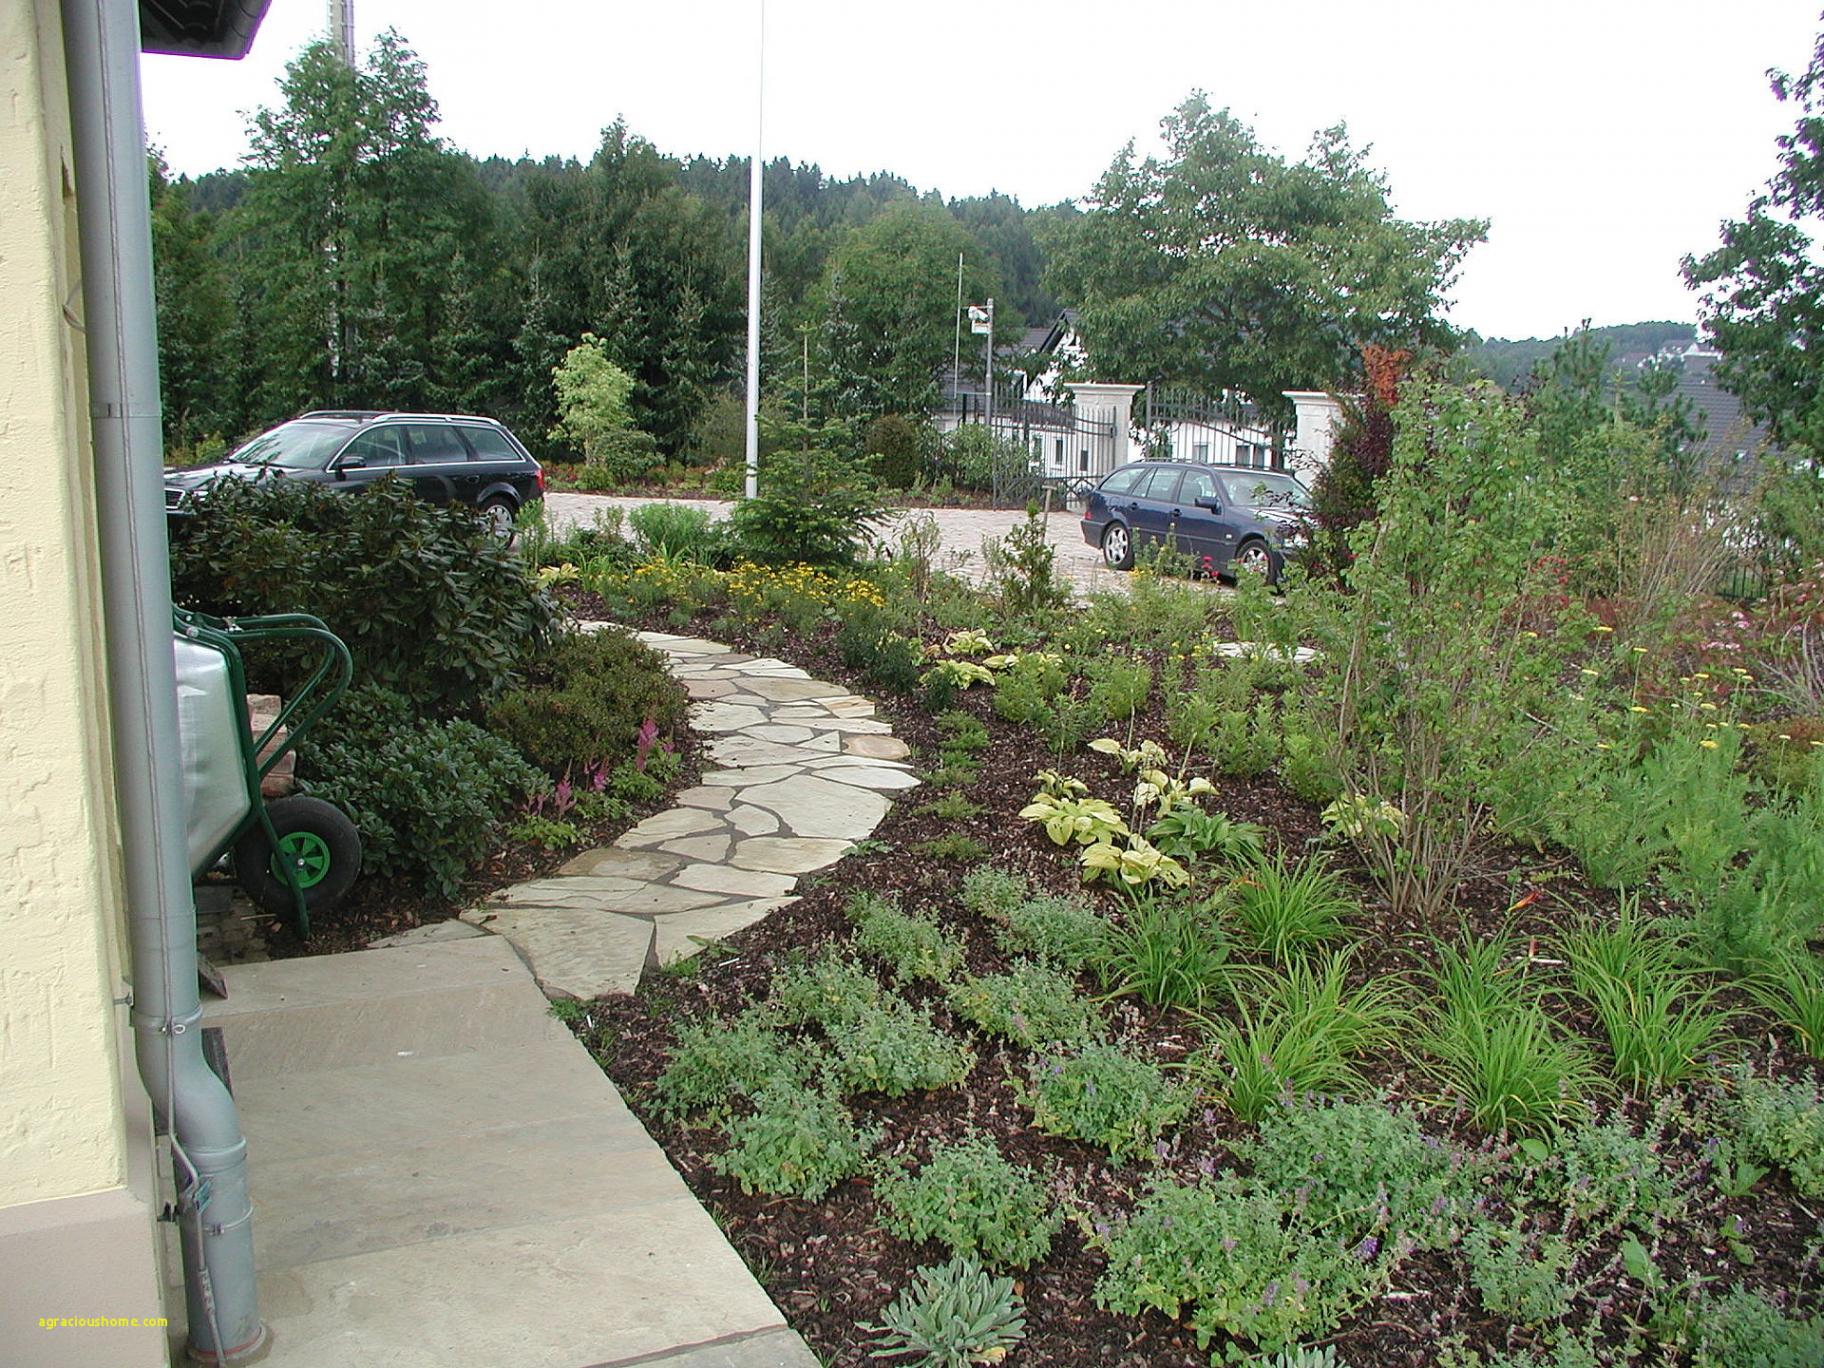 vorgarten gestalten nordseite vorgarten gestalten nordseite vorgarten gestalten nordseite